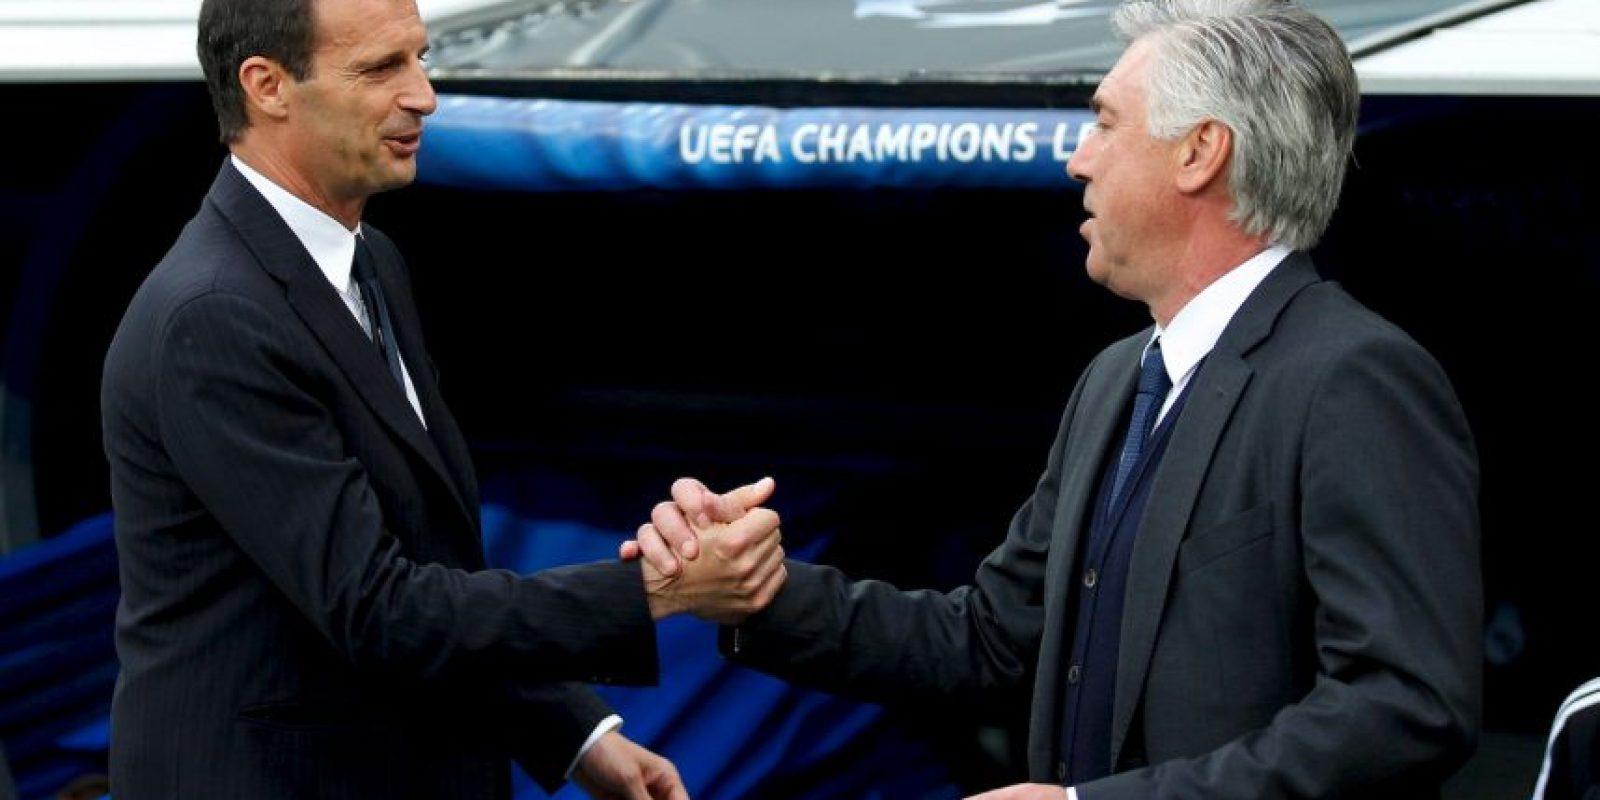 Massimiliano Allegri y Carlo Ancelotti, italianos, se saludaron previo al comienzo del duelo. Foto:Getty Images